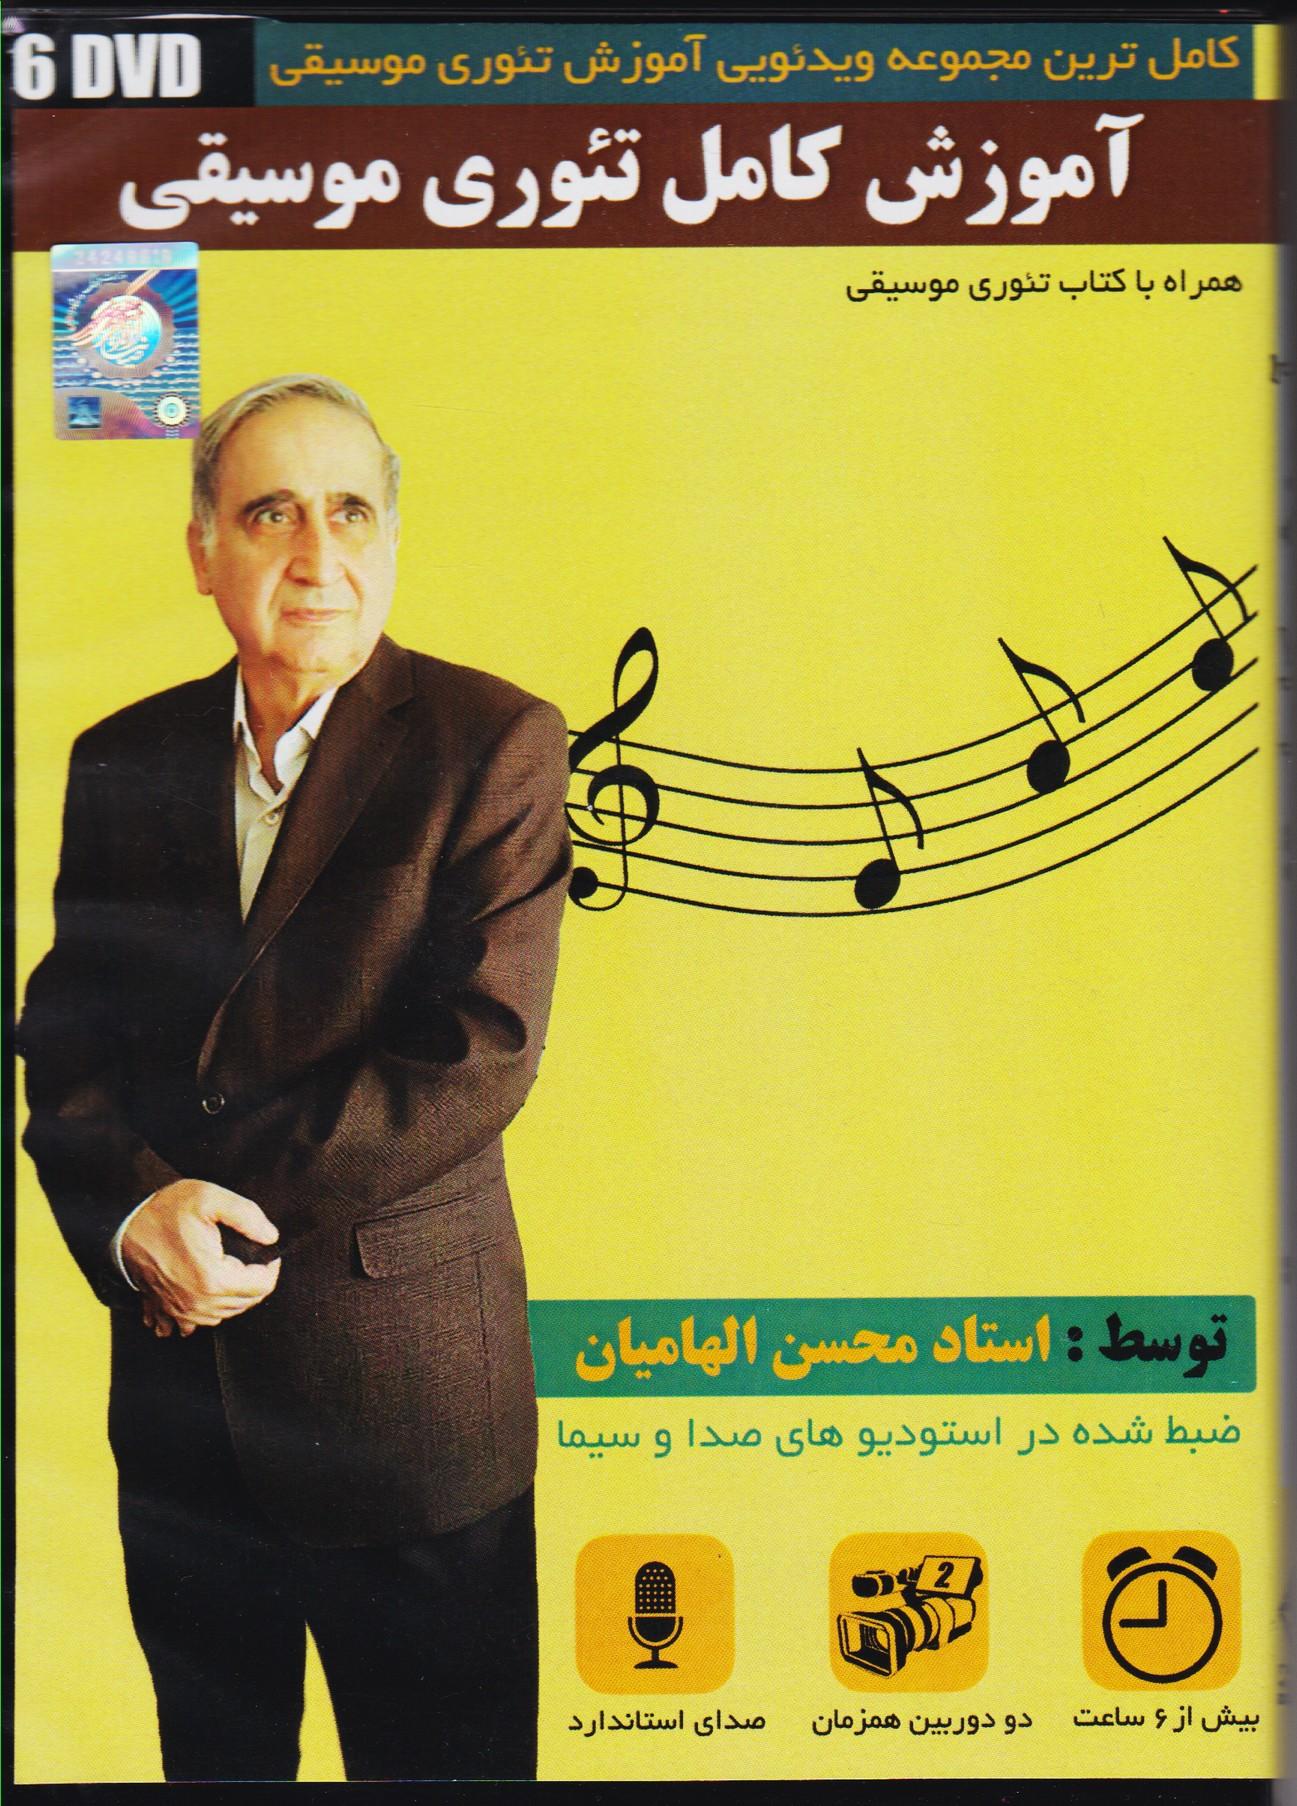 آموزش کامل تئوری موسیقی